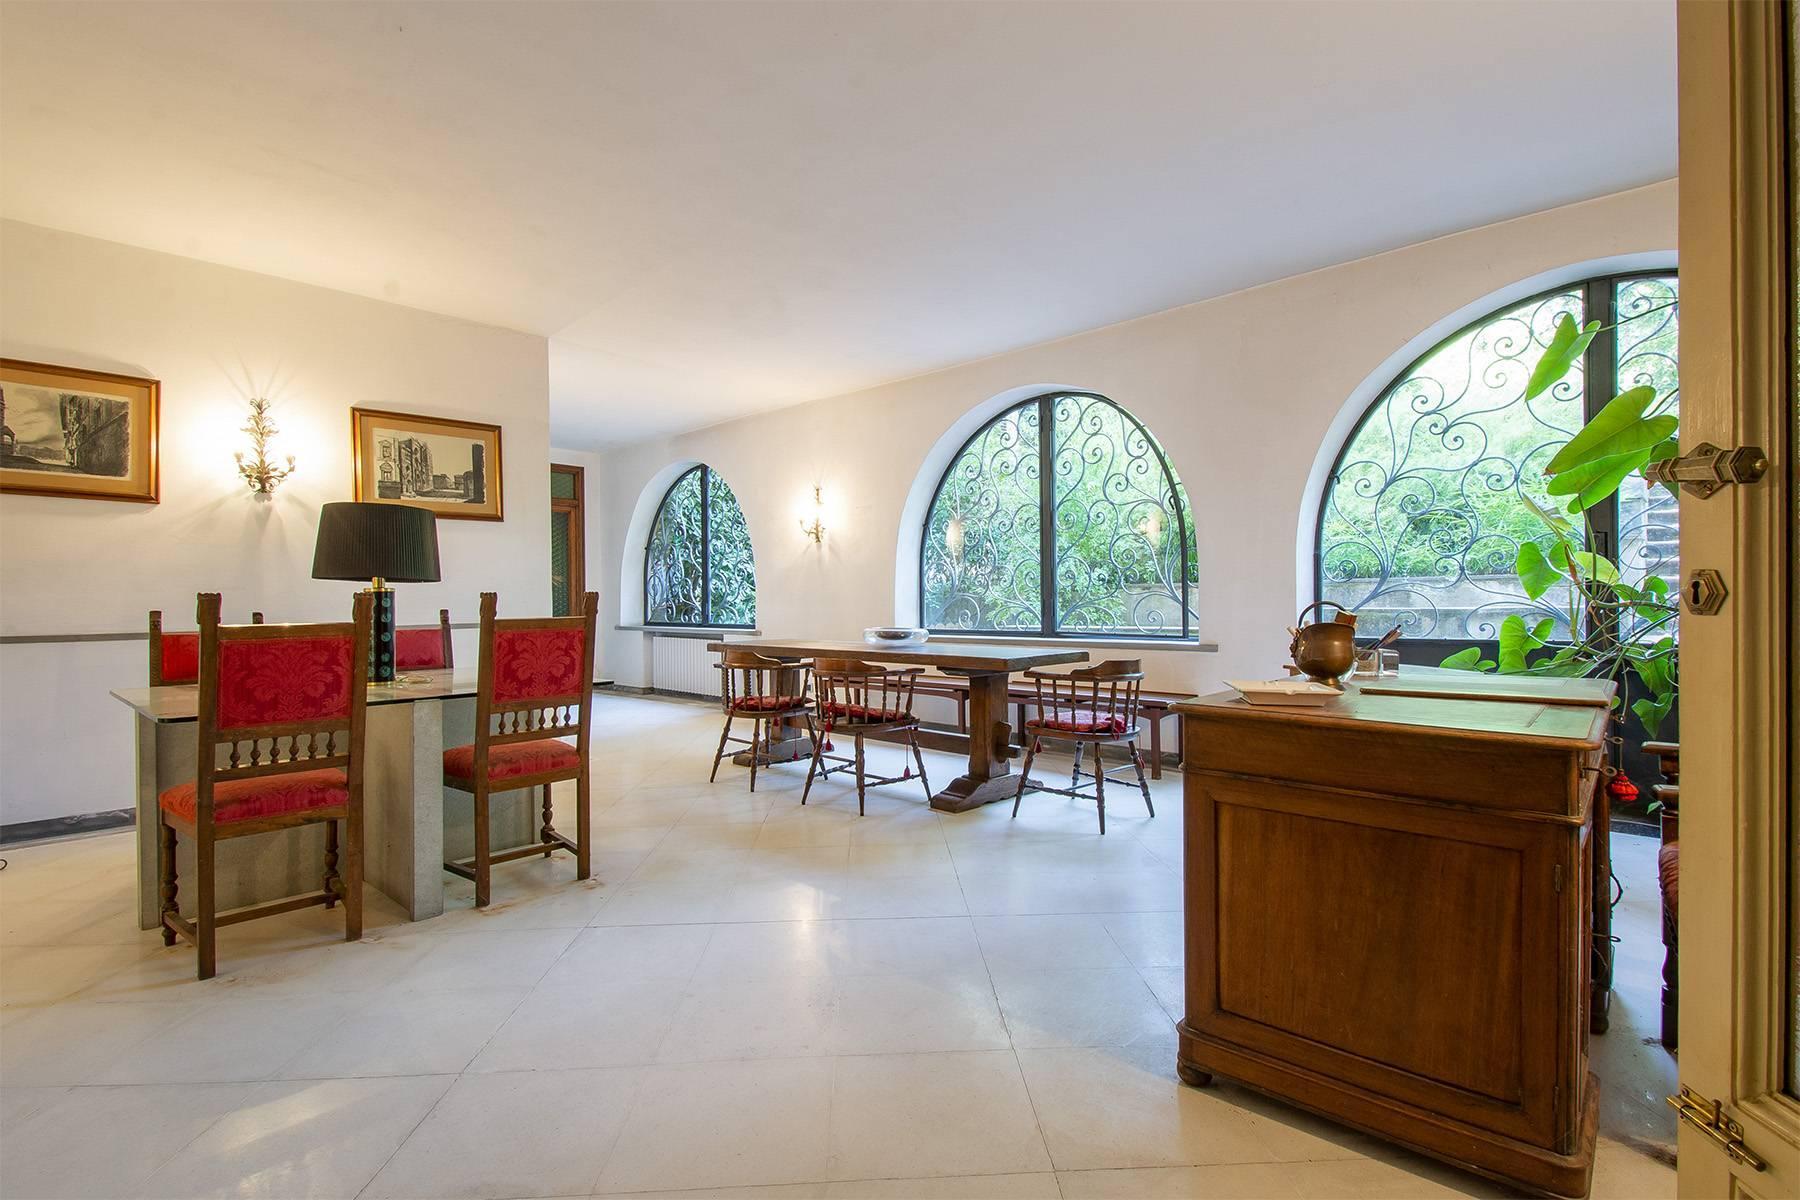 Exquisite apartment in a historic villa - 10